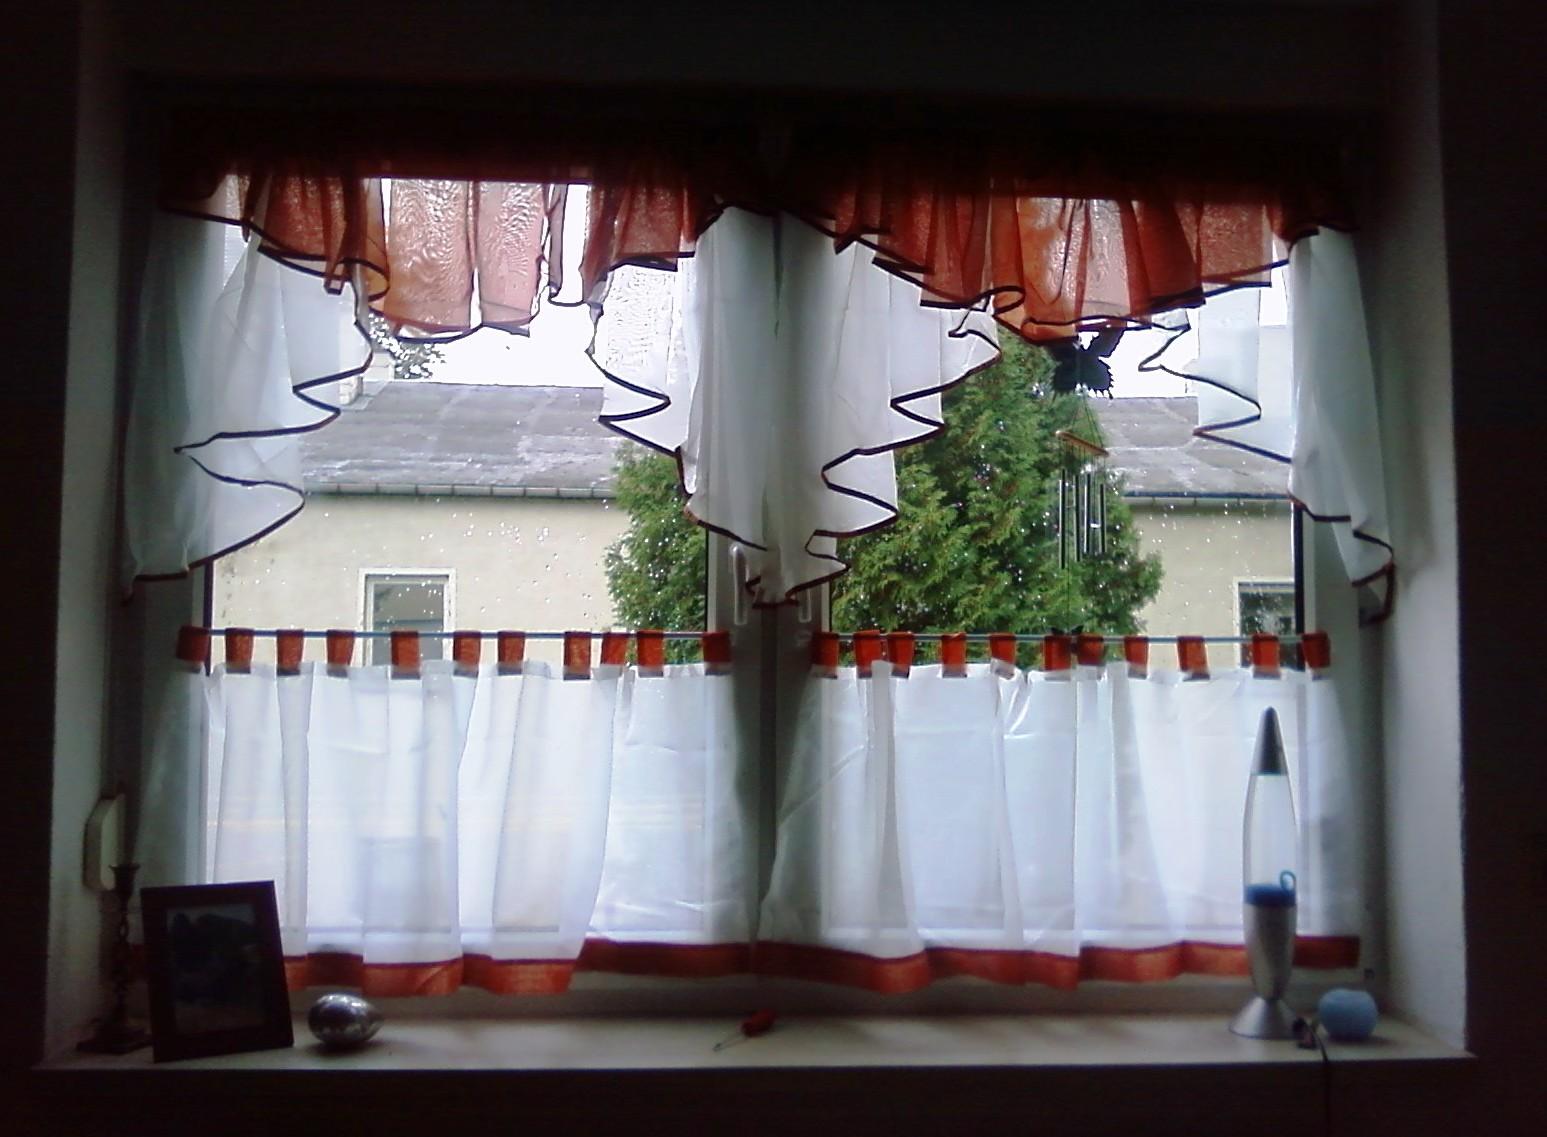 Full Size of Küchen Gardinen Regal Für Wohnzimmer Küche Schlafzimmer Scheibengardinen Fenster Die Wohnzimmer Küchen Gardinen